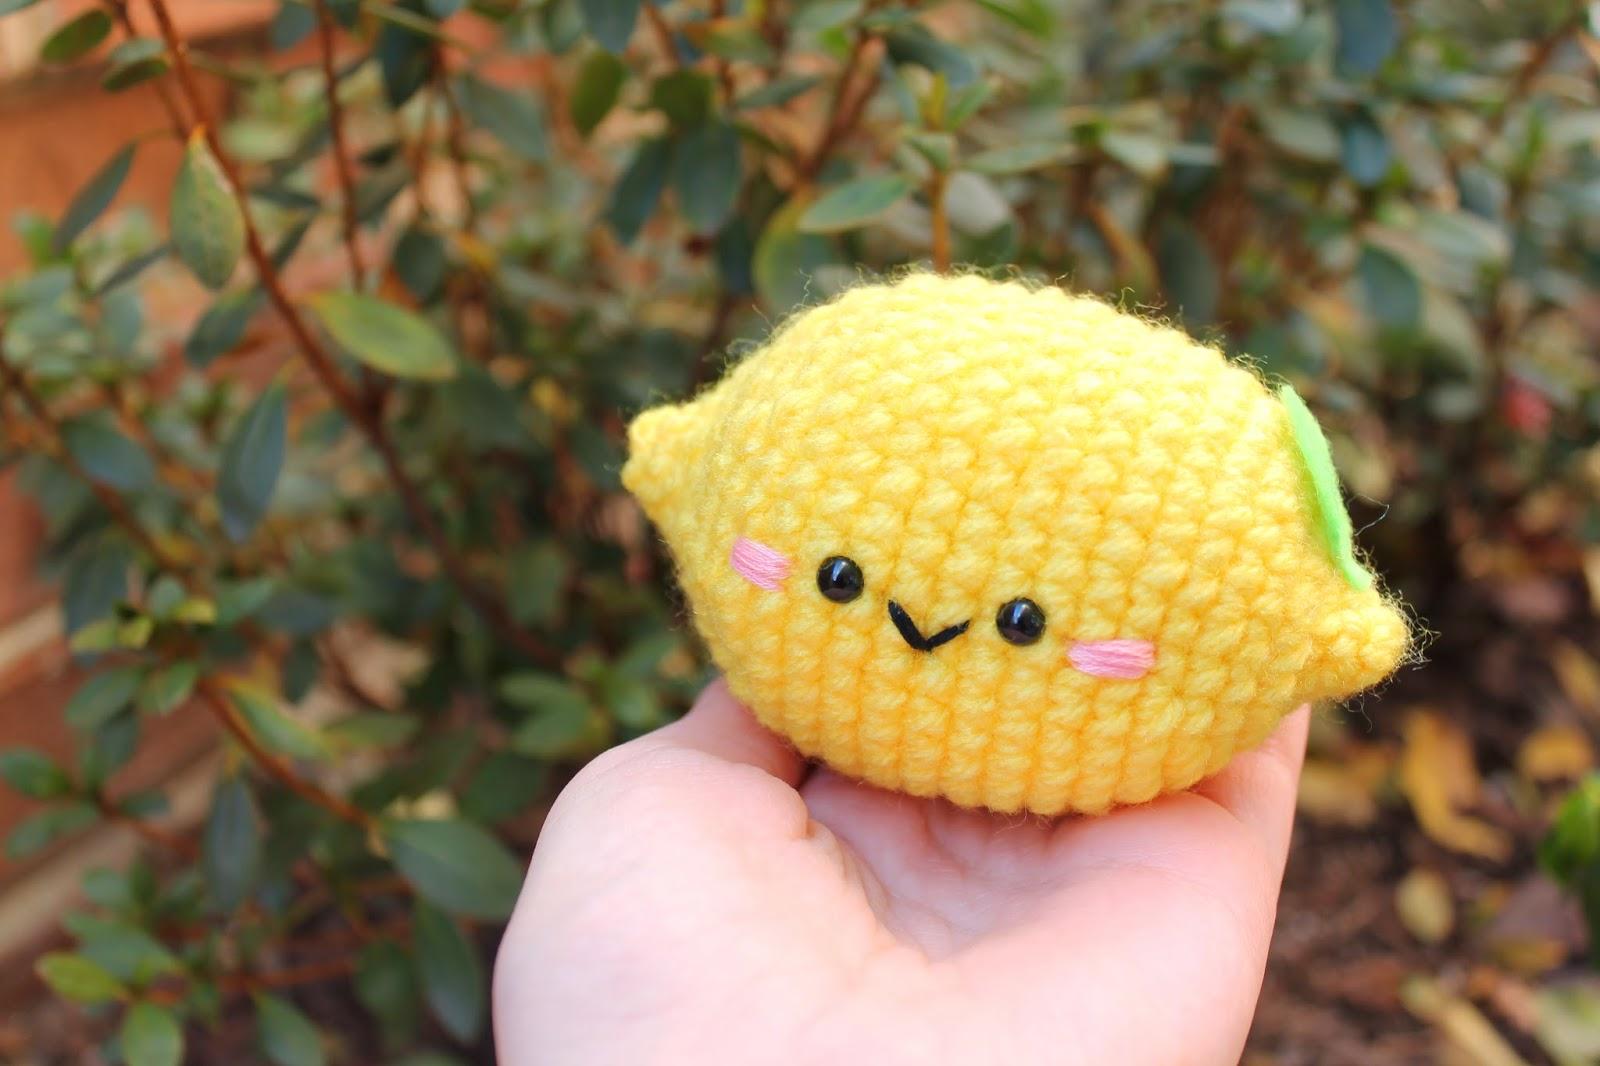 Free Amigurumi Crocheted Lemon Pattern on Amigurumifood.blogspot.ca.